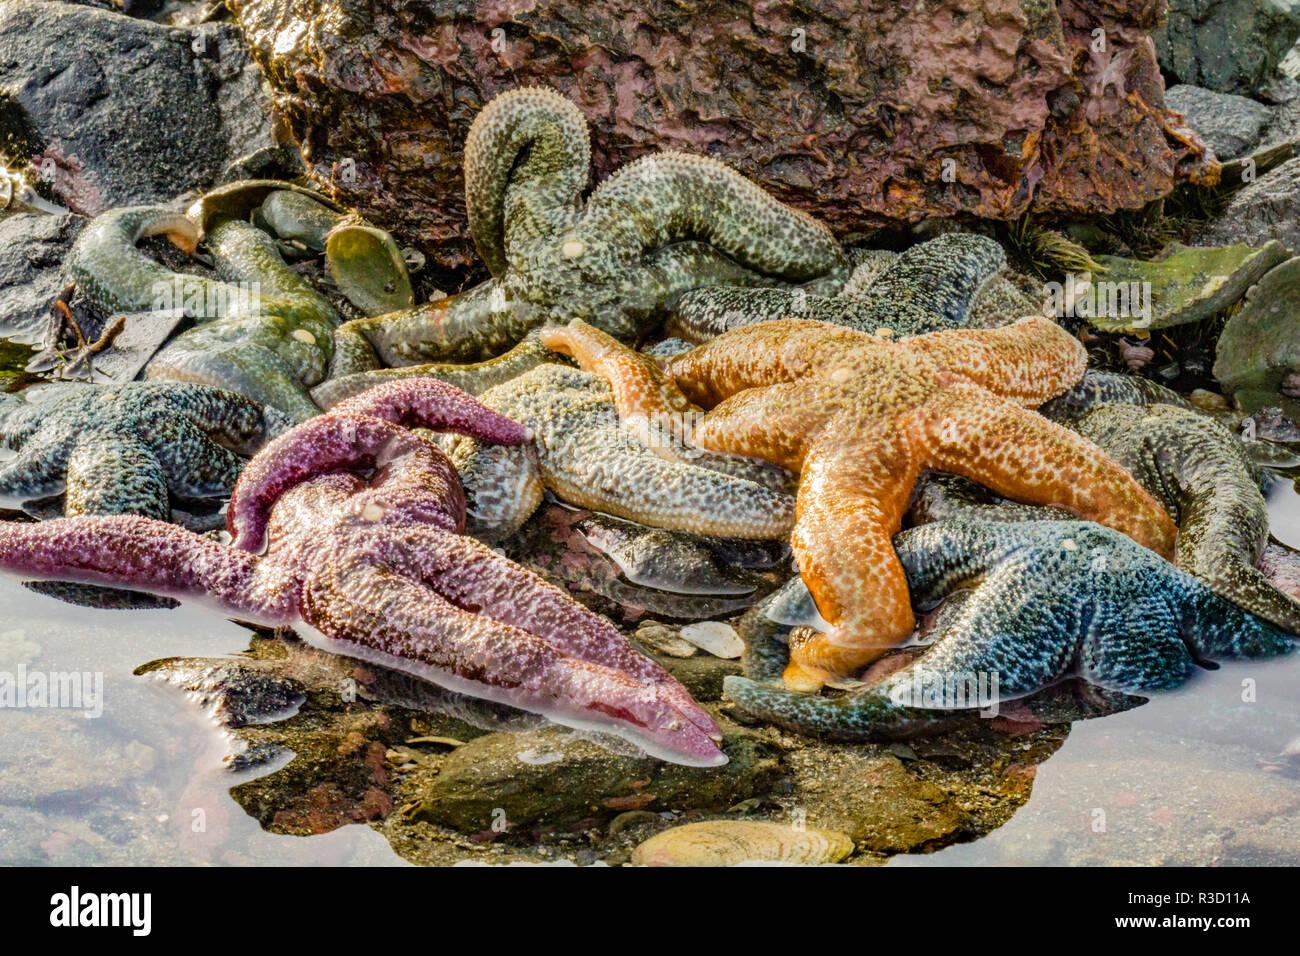 USA, Alaska. Ein Haufen von verschiedenen farbigen Sea Stars bei Ebbe. Stockbild